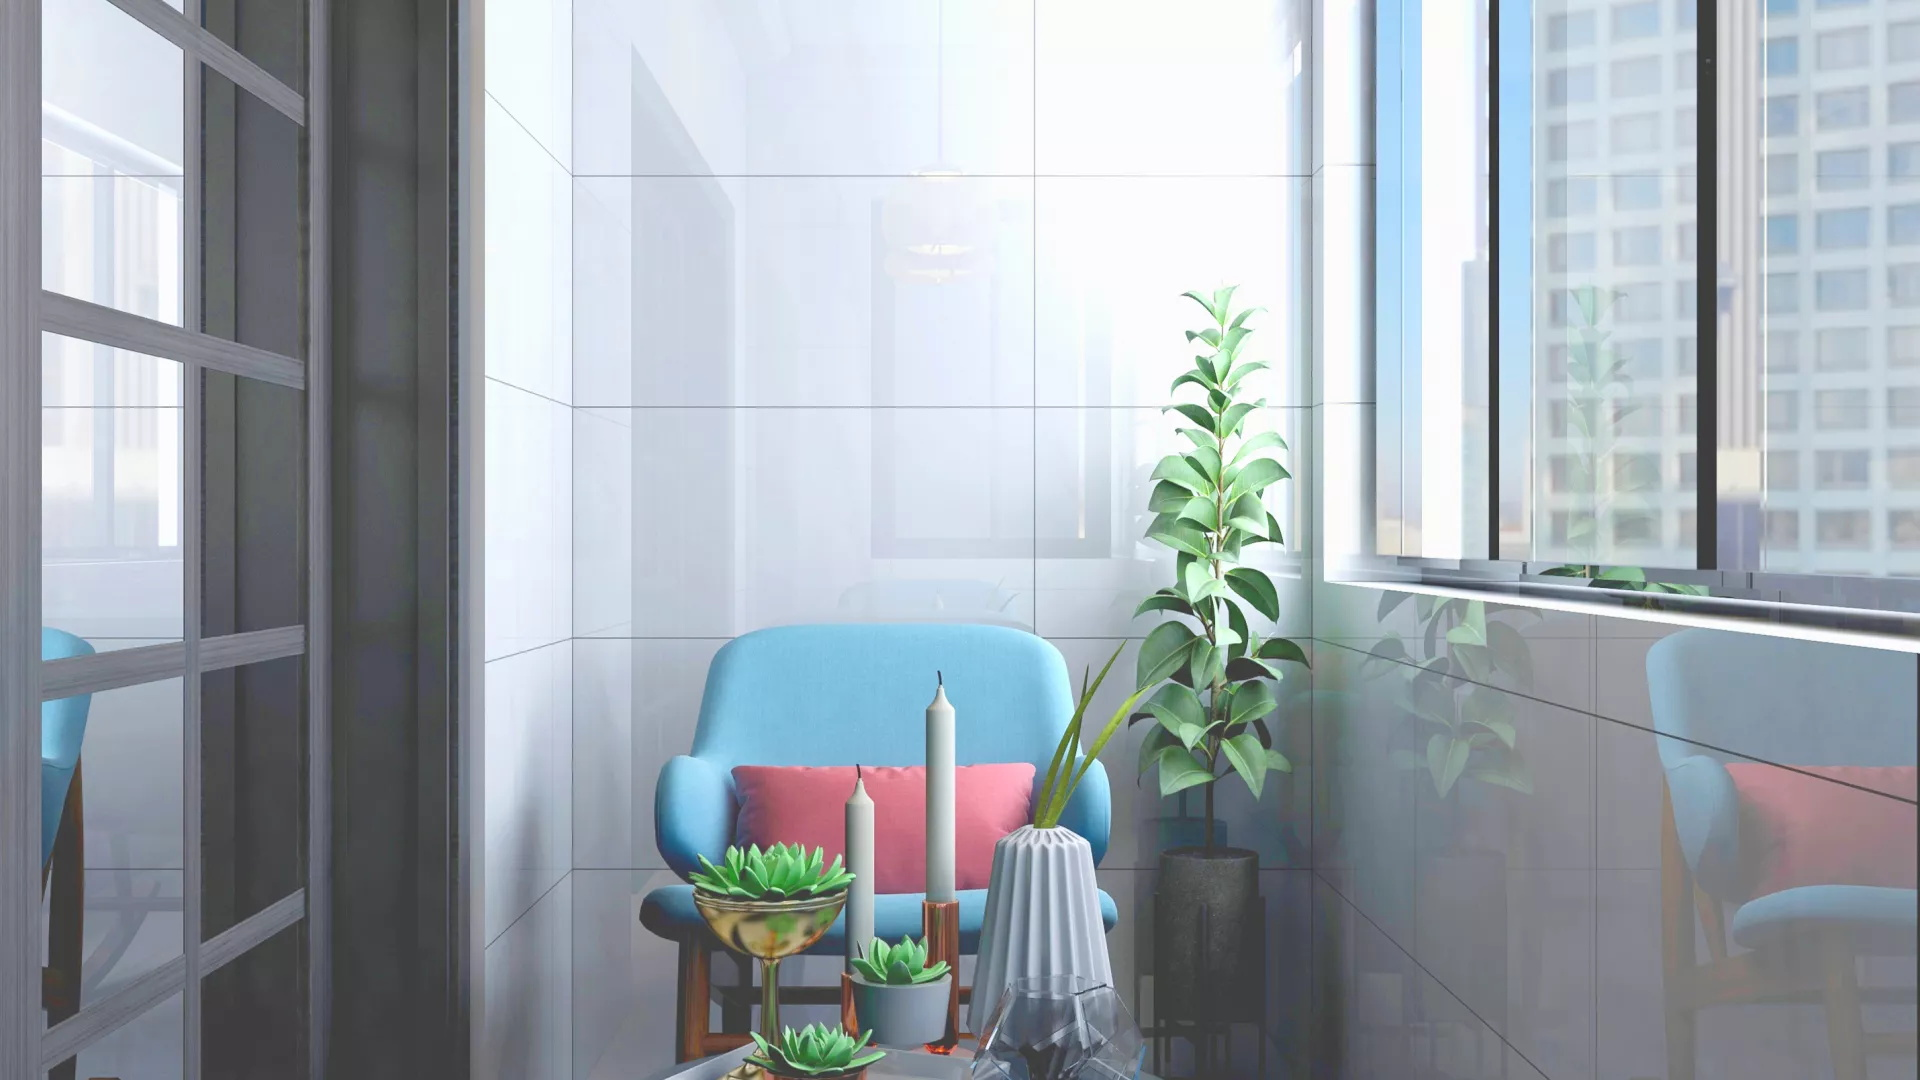 高鋁磚特點是什么 高鋁磚如何選購